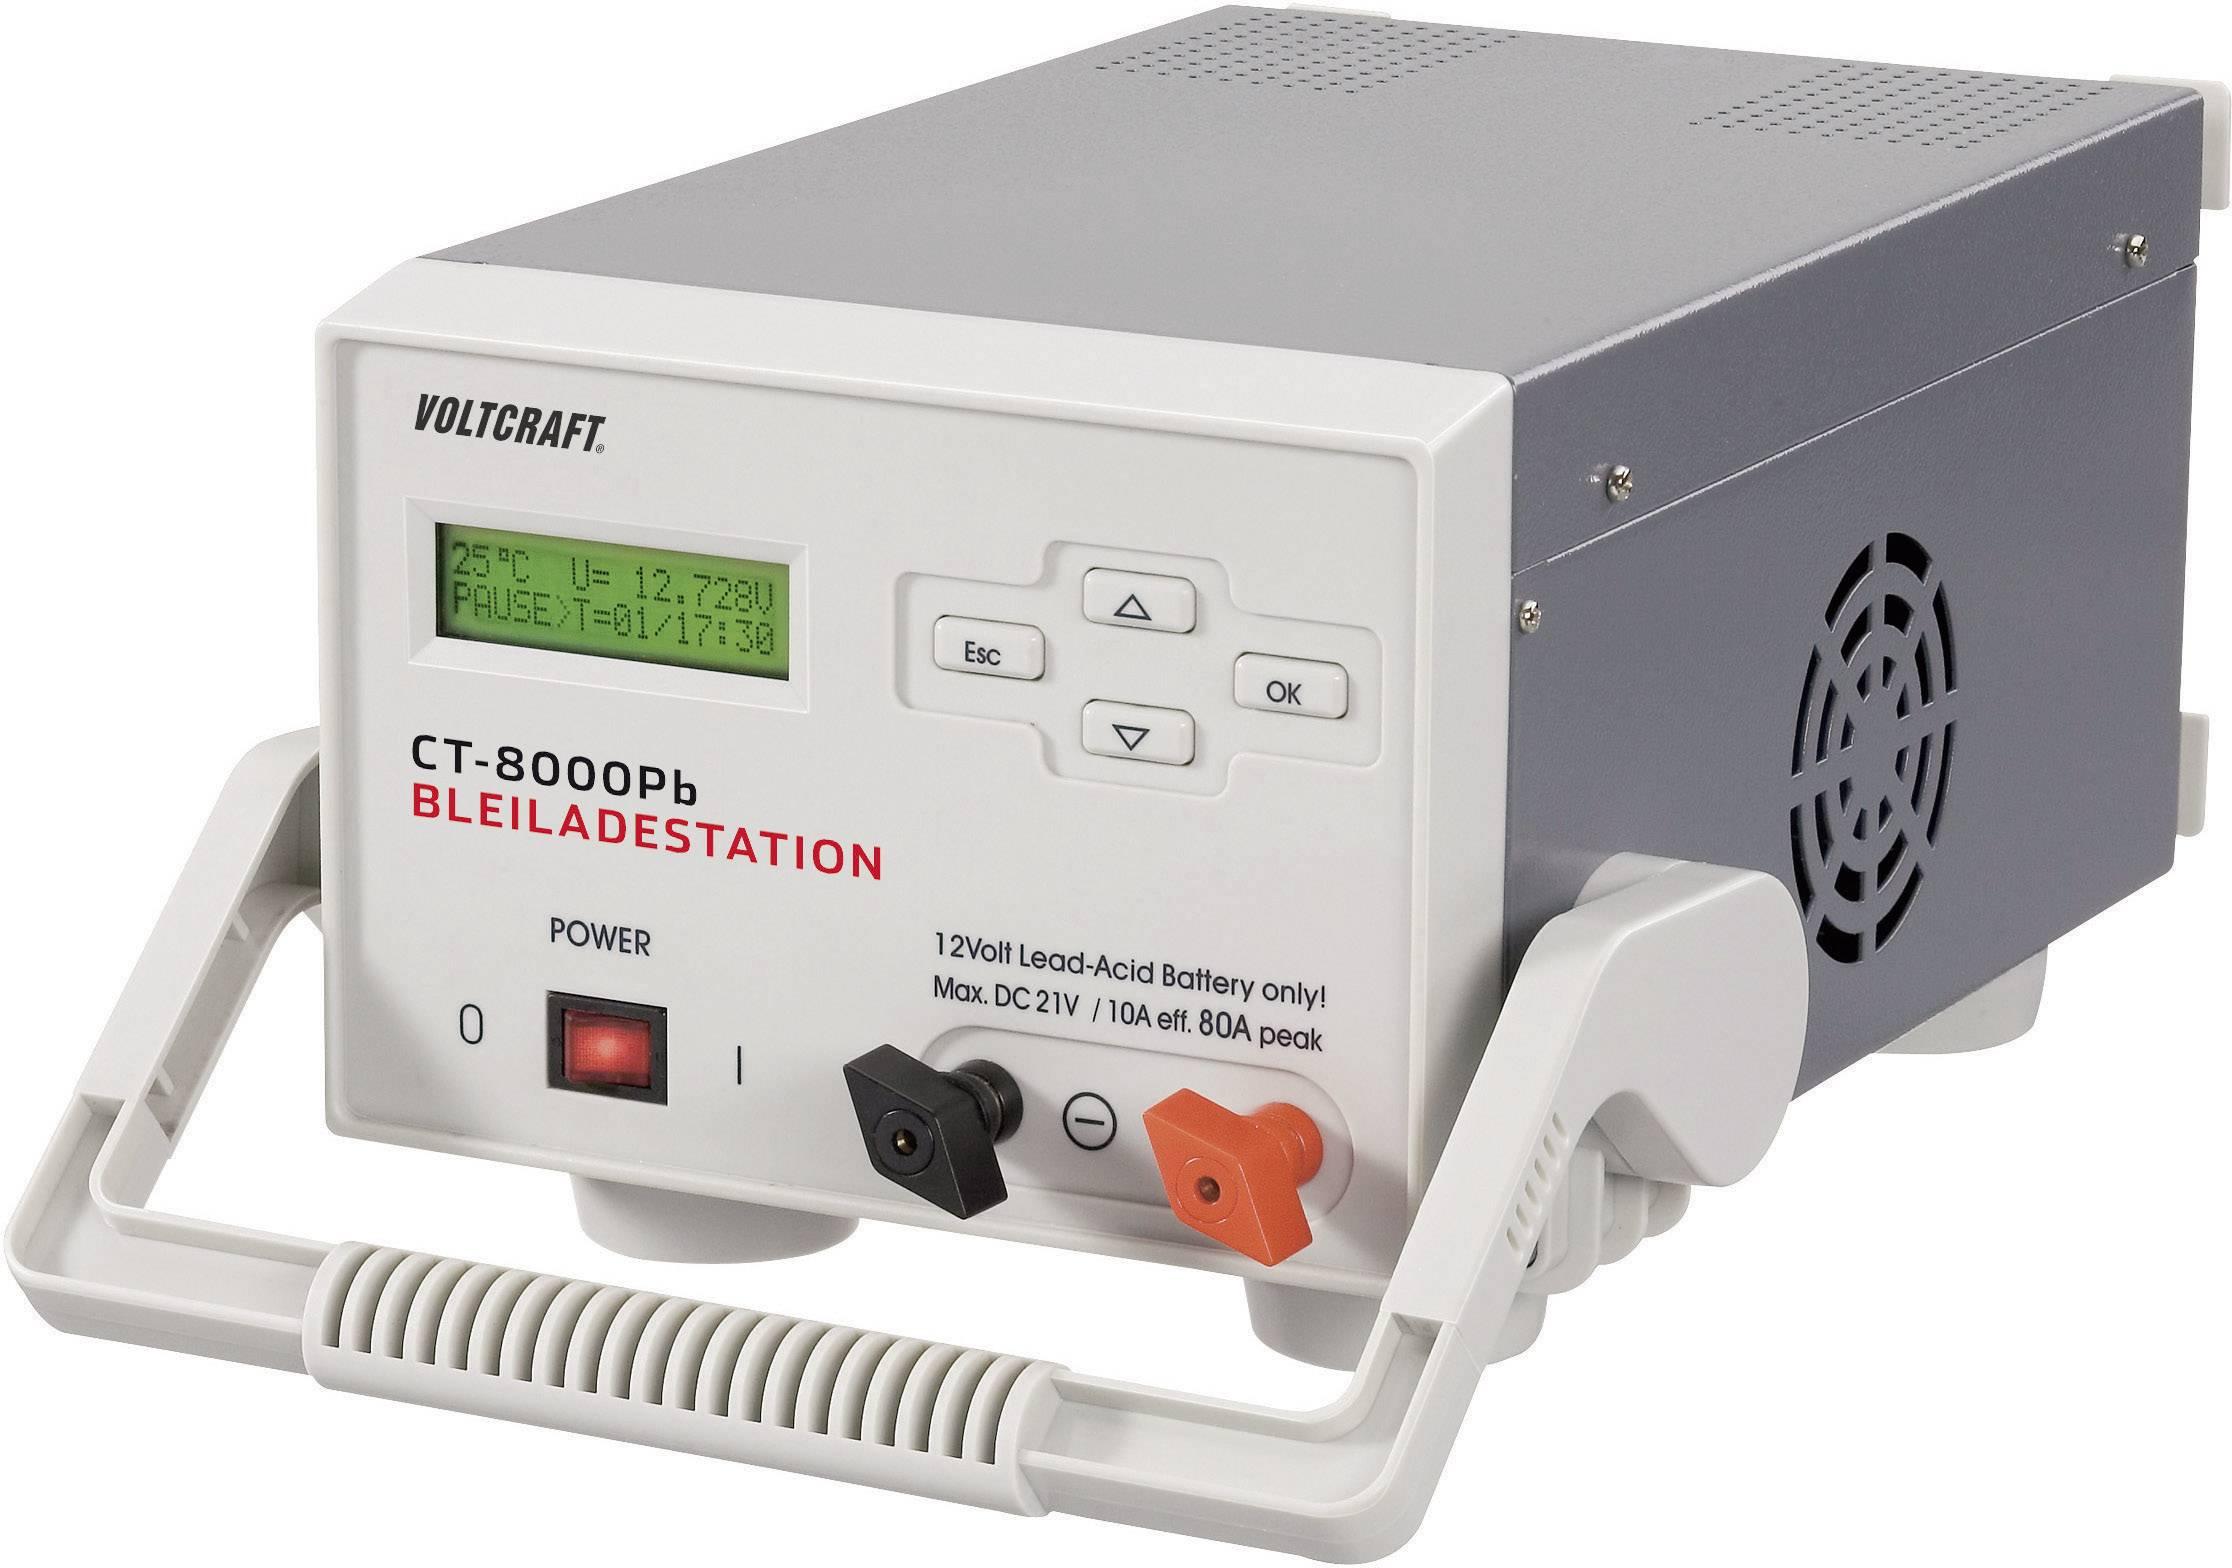 Nabíjacia stanica CT-8000Pb